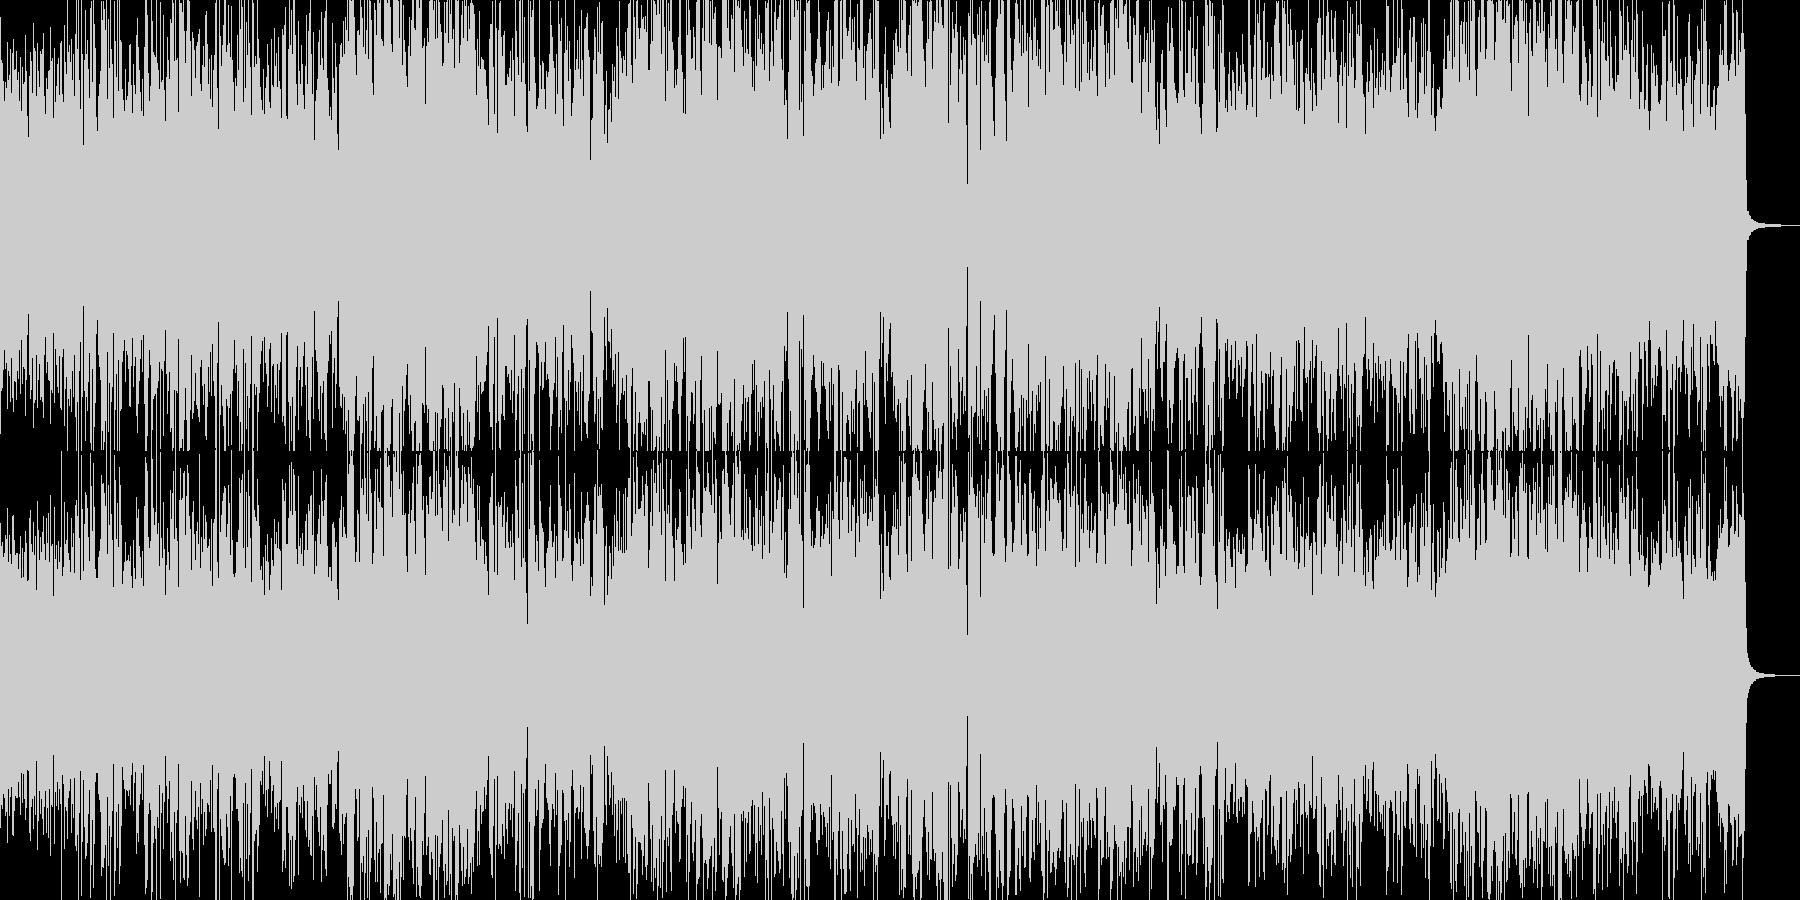 マリンバ・サンバの未再生の波形